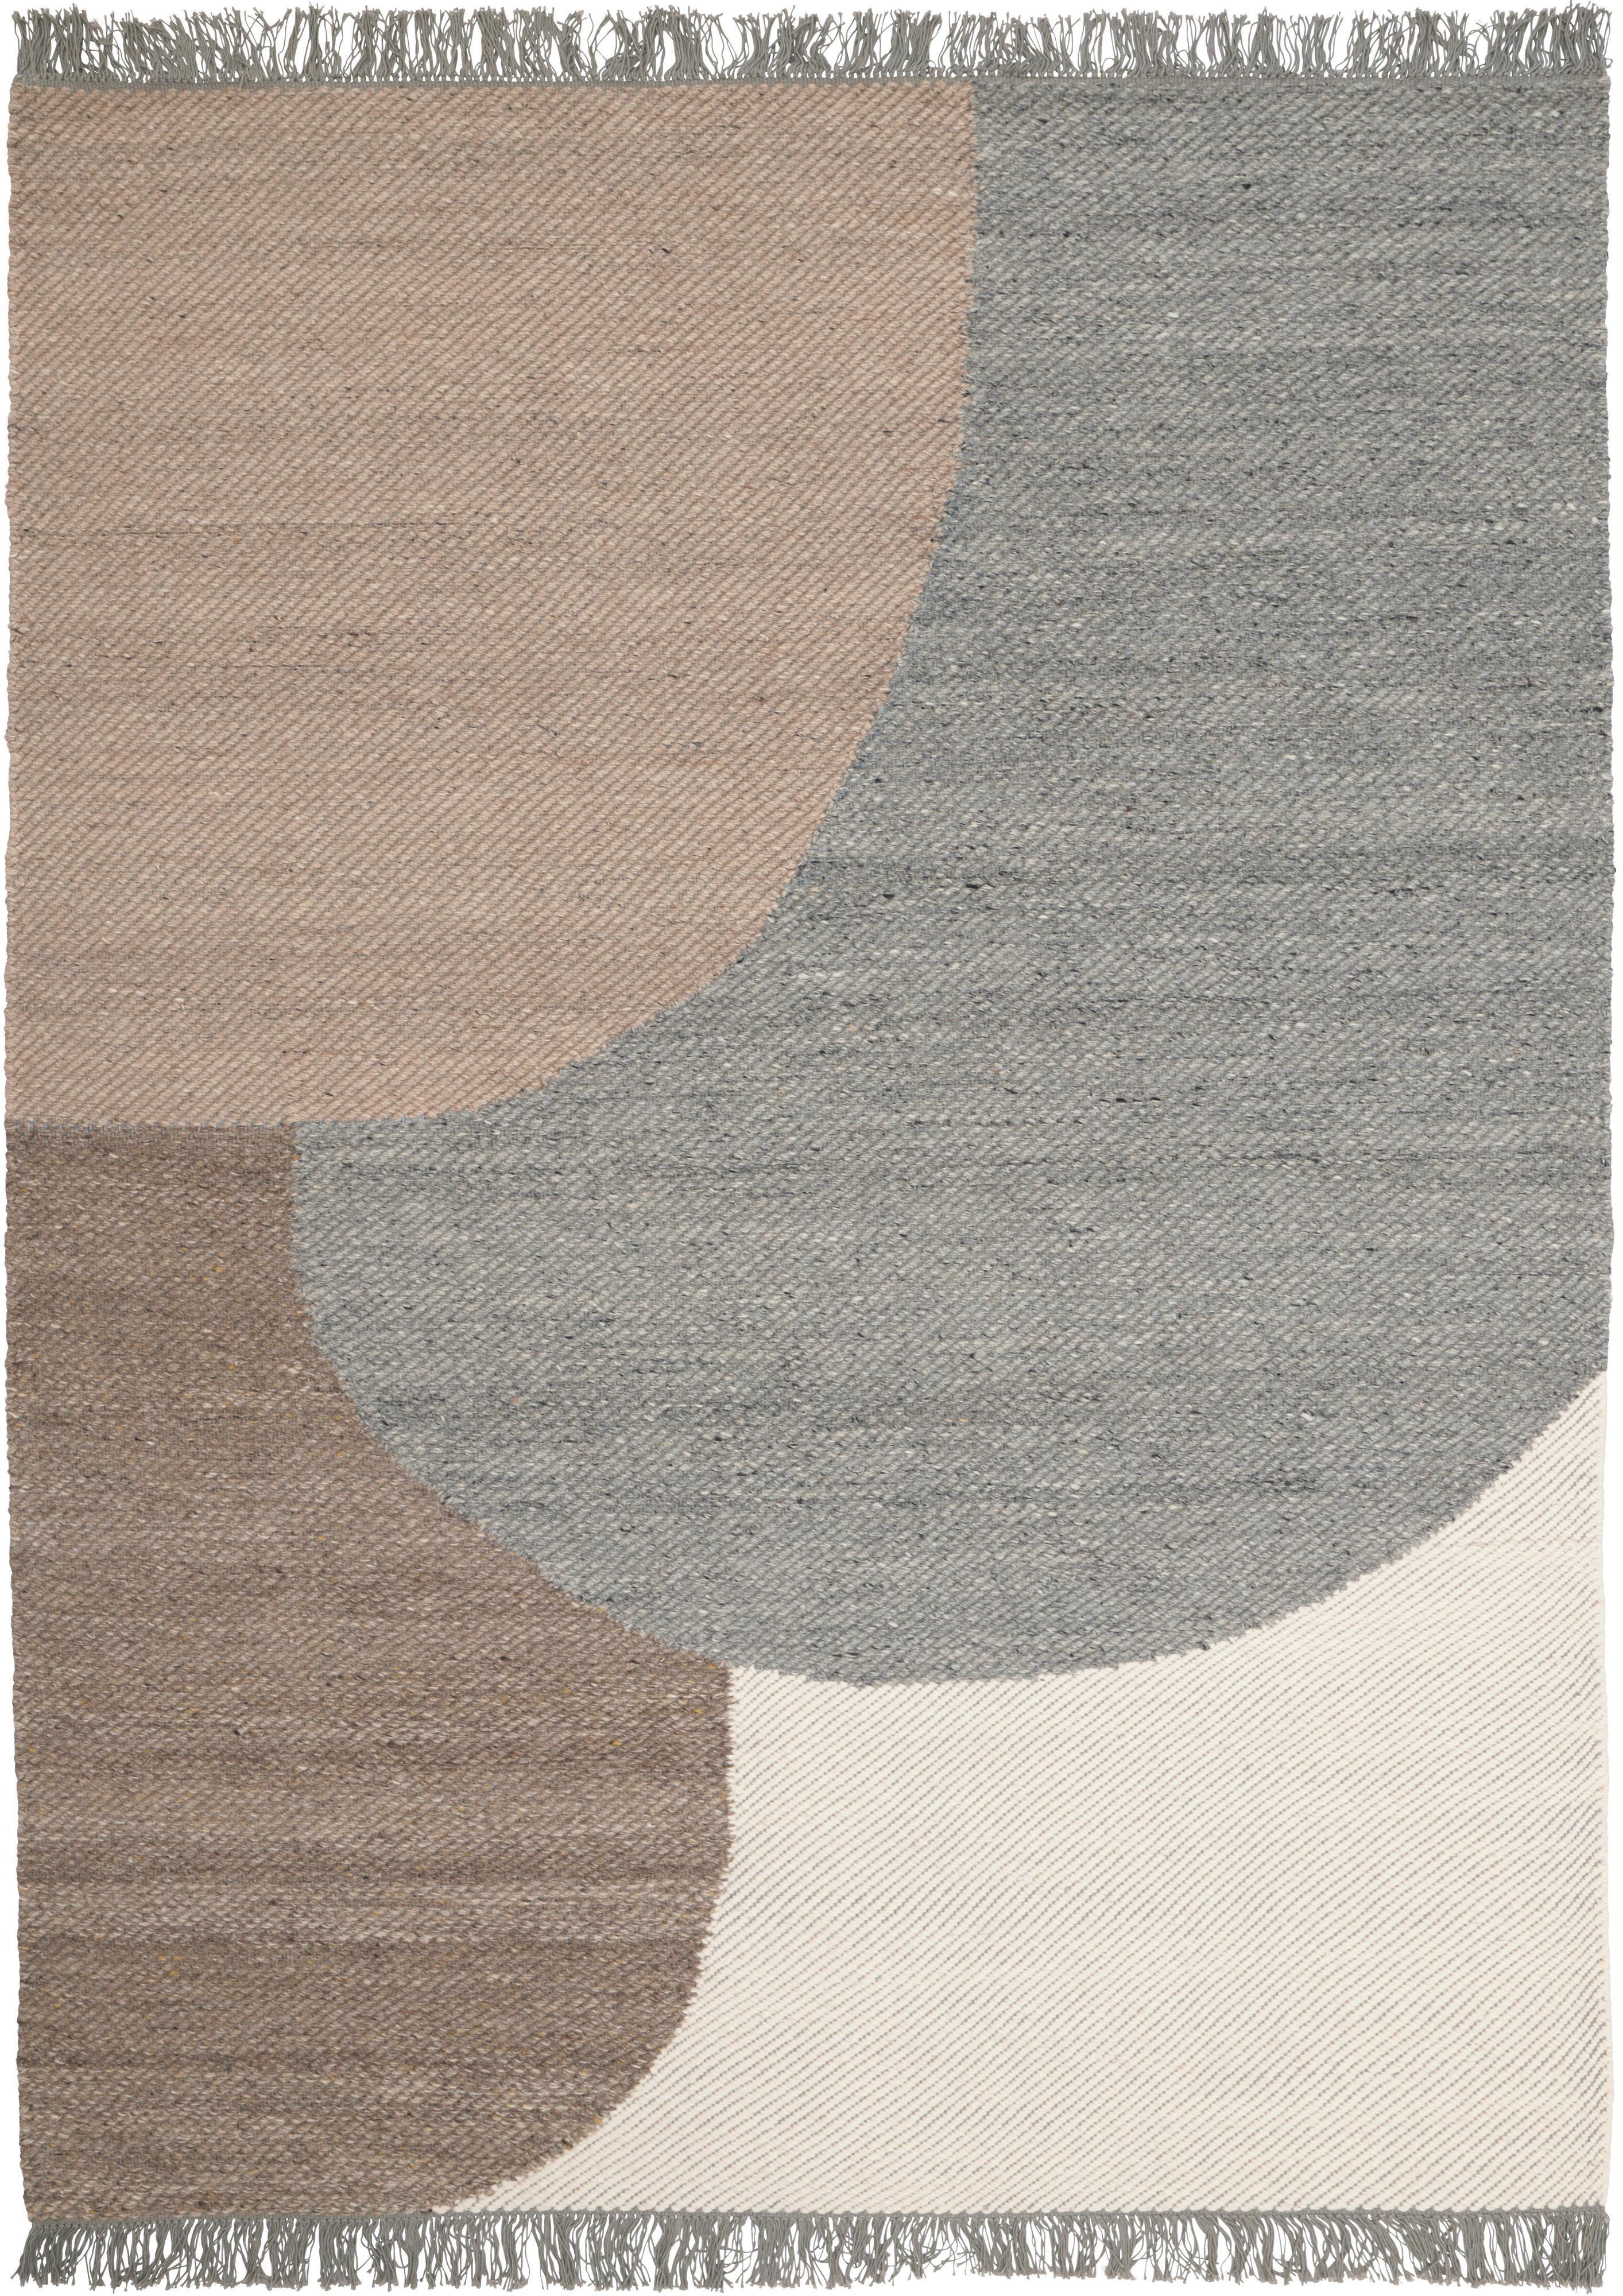 Handgewebter Wollteppich Eik, Fransen: 100% Baumwolle, Grau- und Beigetöne, B 140 x L 200 cm (Größe S)